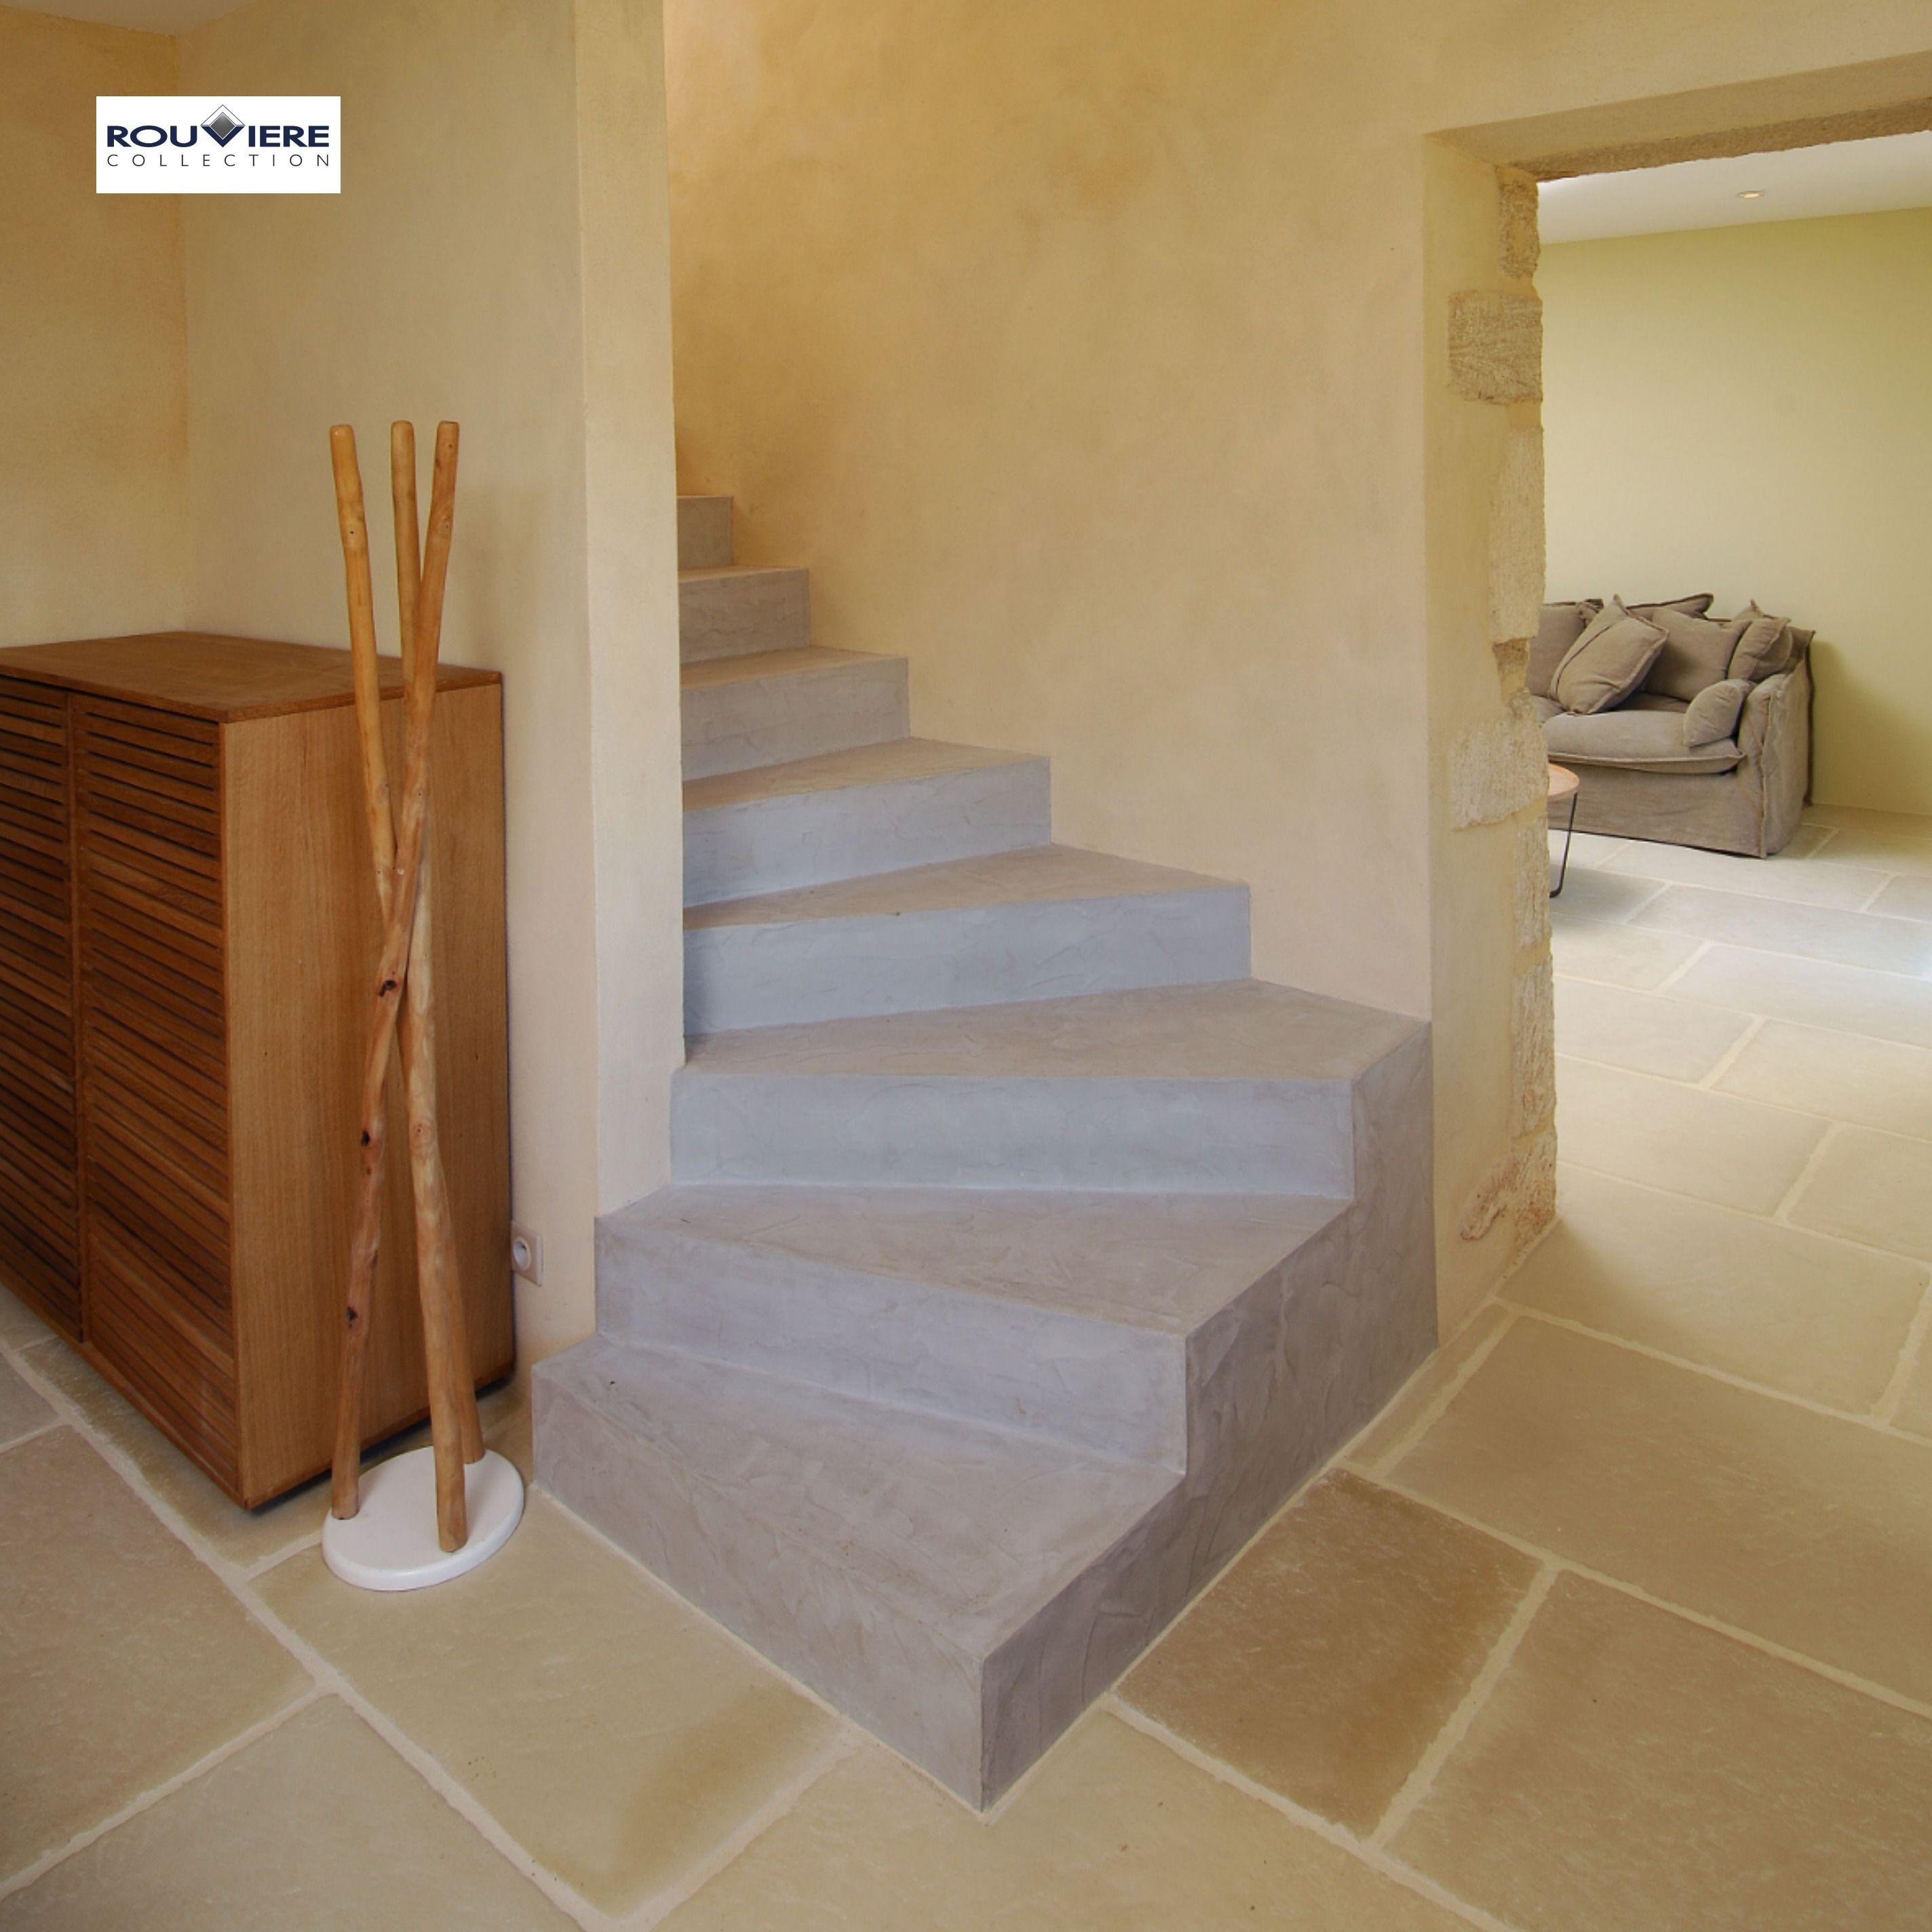 Modernisez Vos Escaliers Avec Un Revetement Enduit Beton Cire En 2020 Escalier Tournant Escalier Beton Cire